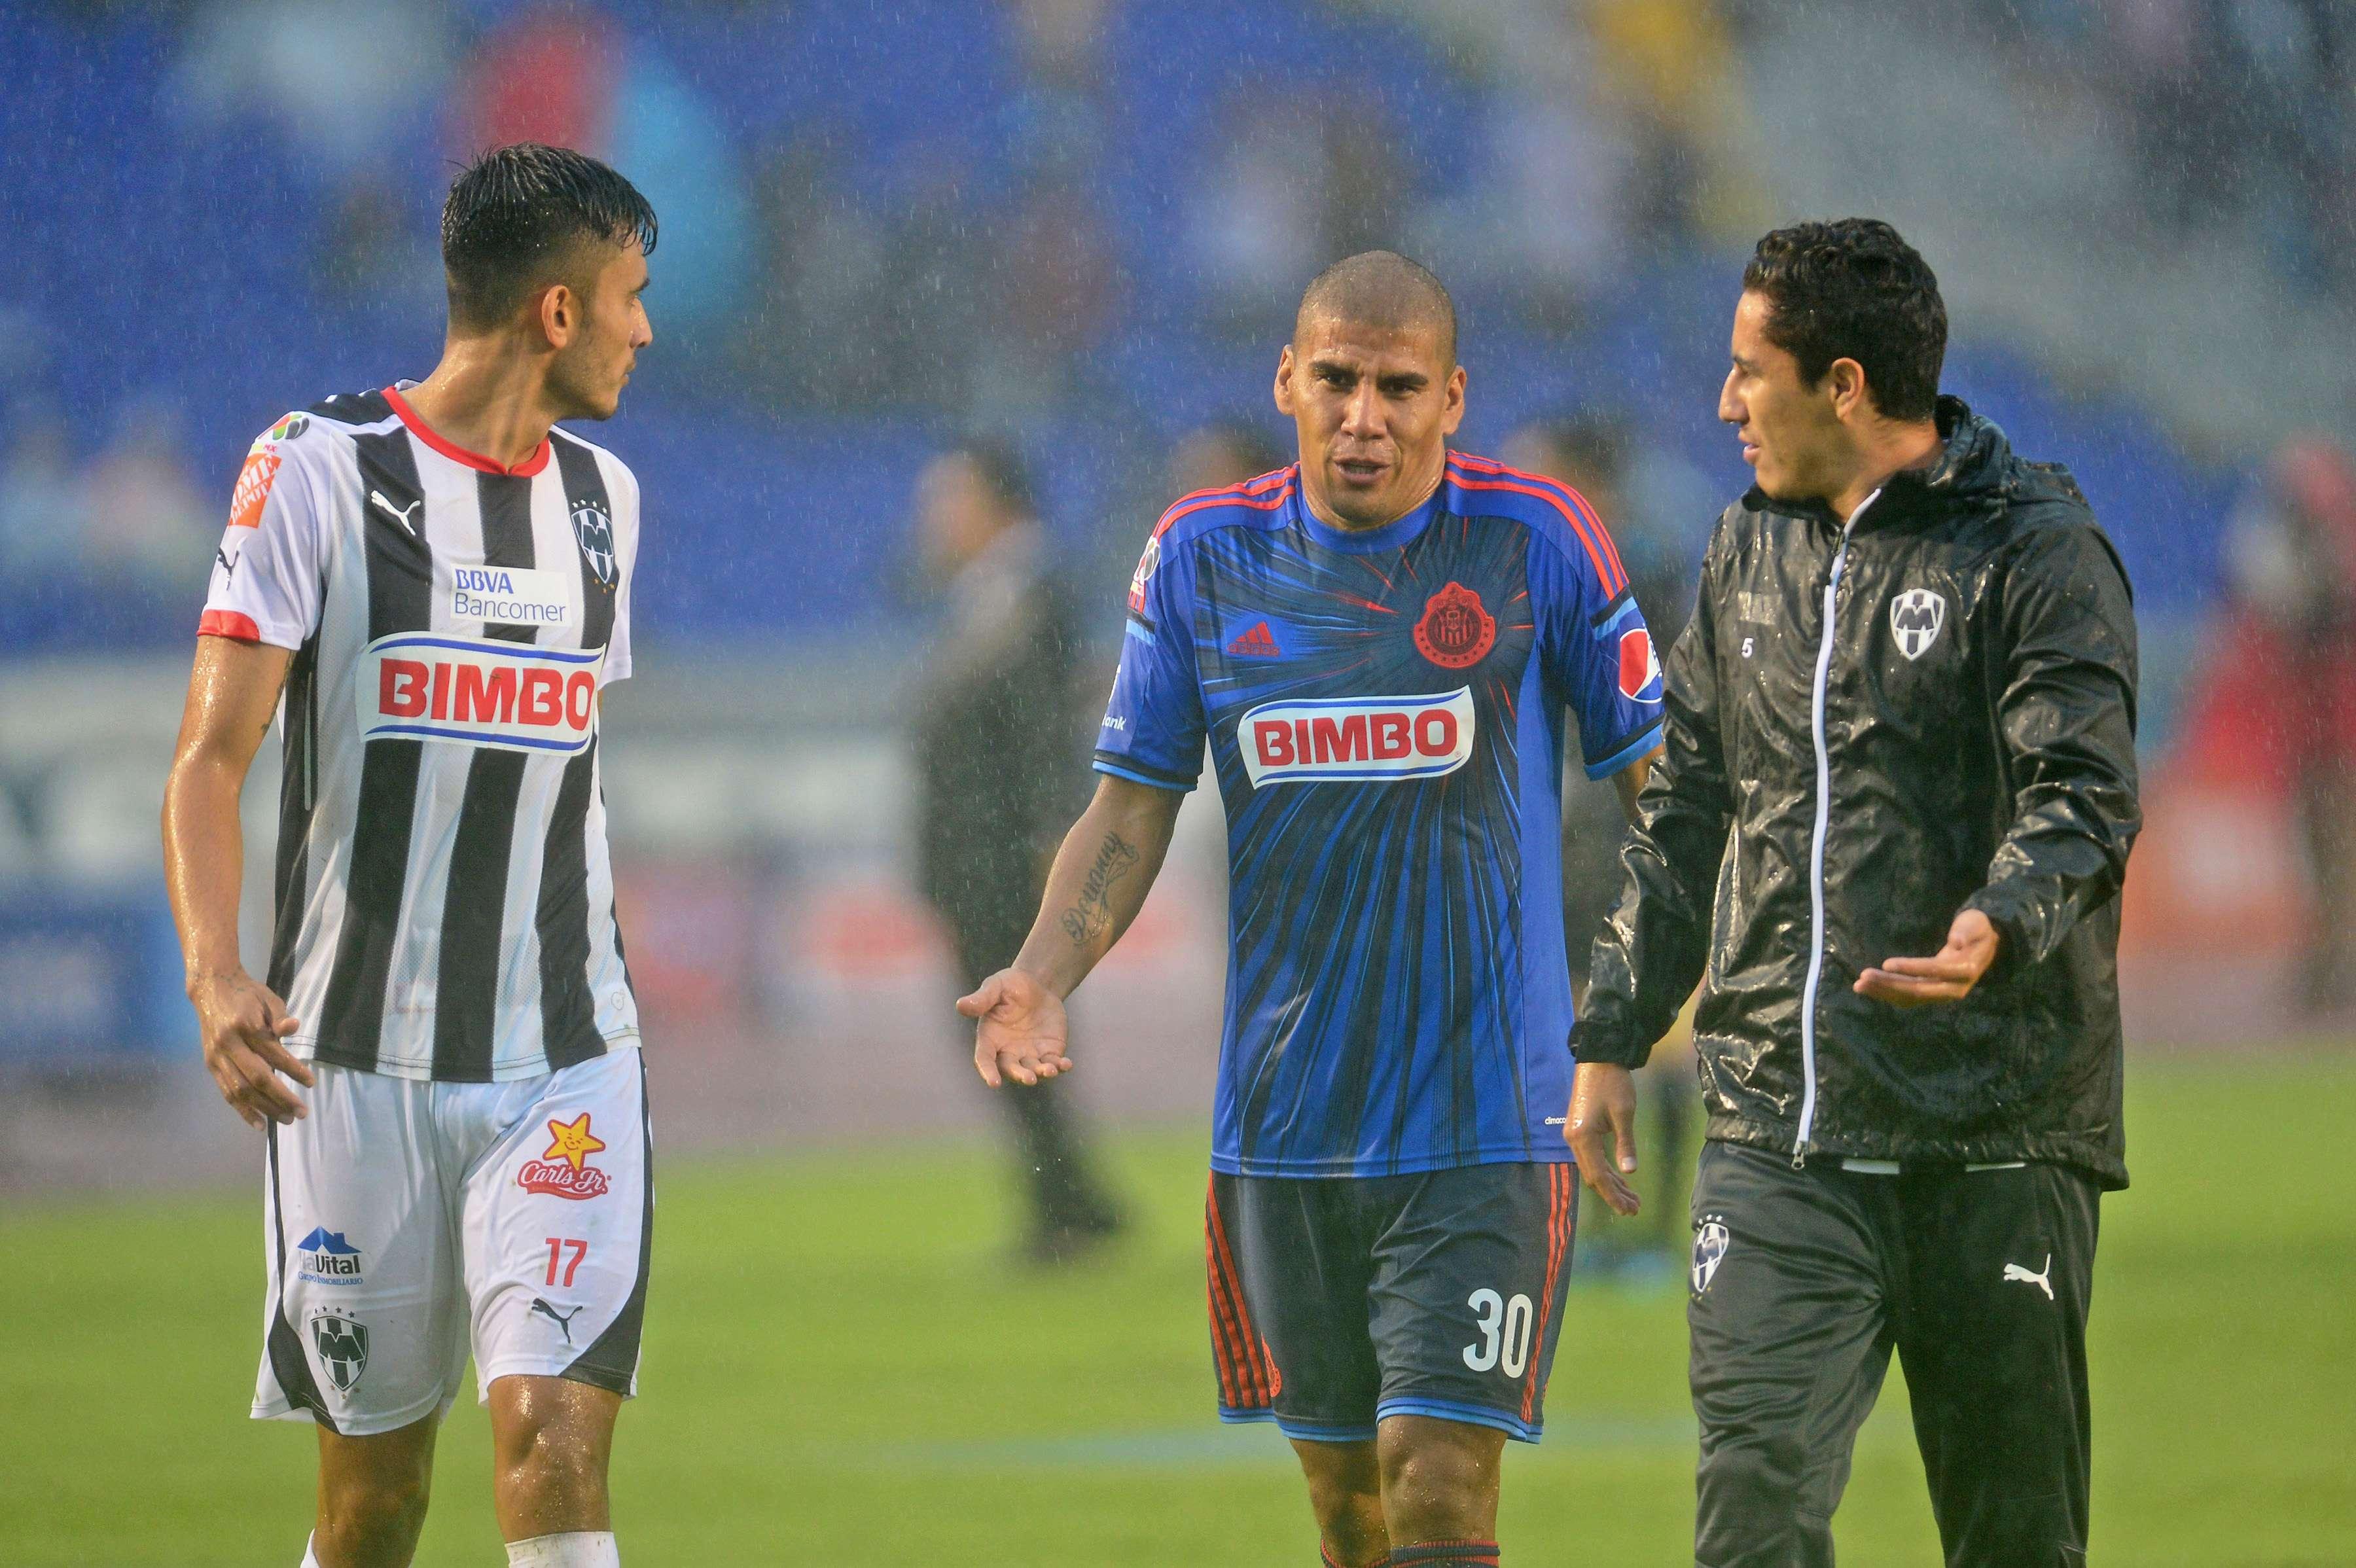 La lluvia que cae desde el viernes en Monterrey provocó que la cancha del estadio Tecnológico no estuviera en condiciones y el partido Rayados ante Chivas fue suspendido al minuto 12. Foto: Mexsport